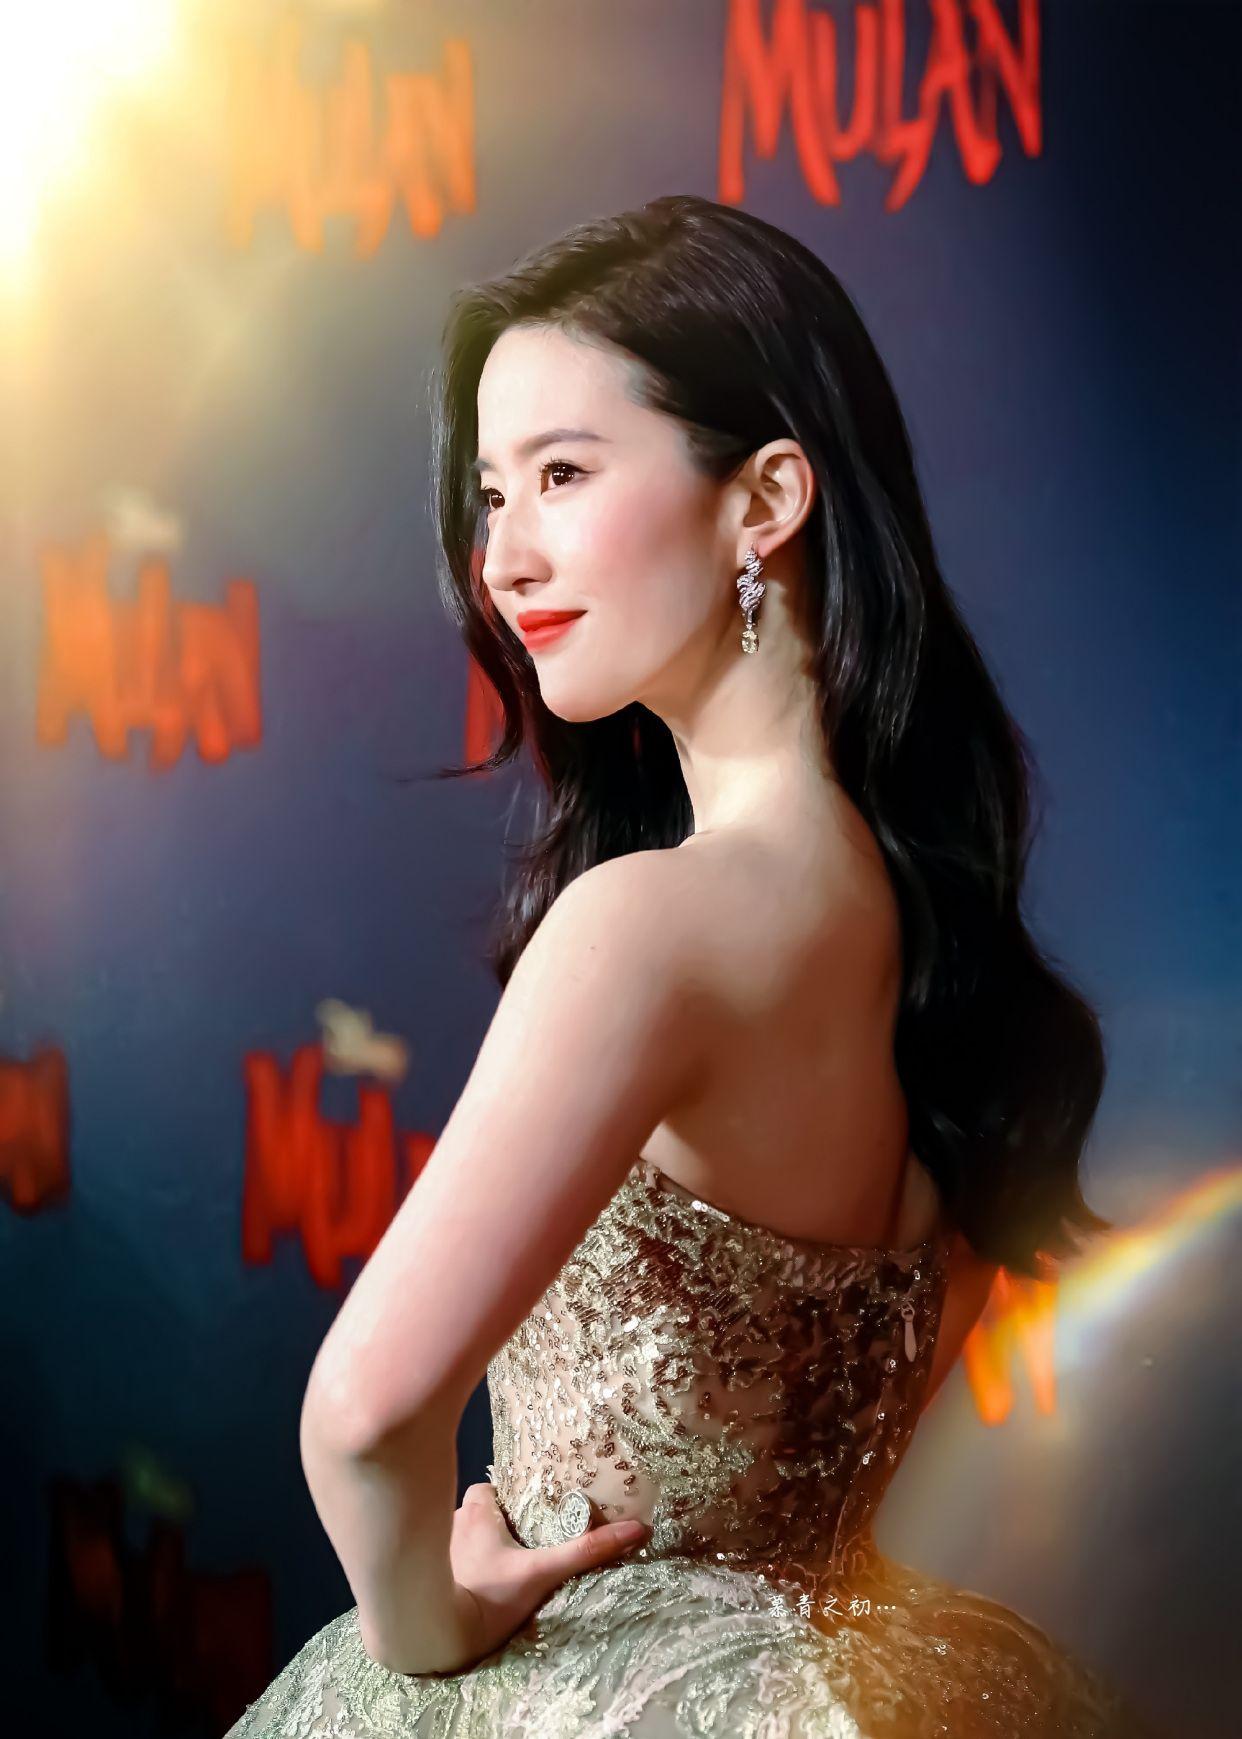 刘亦菲,肤若凝脂的美人